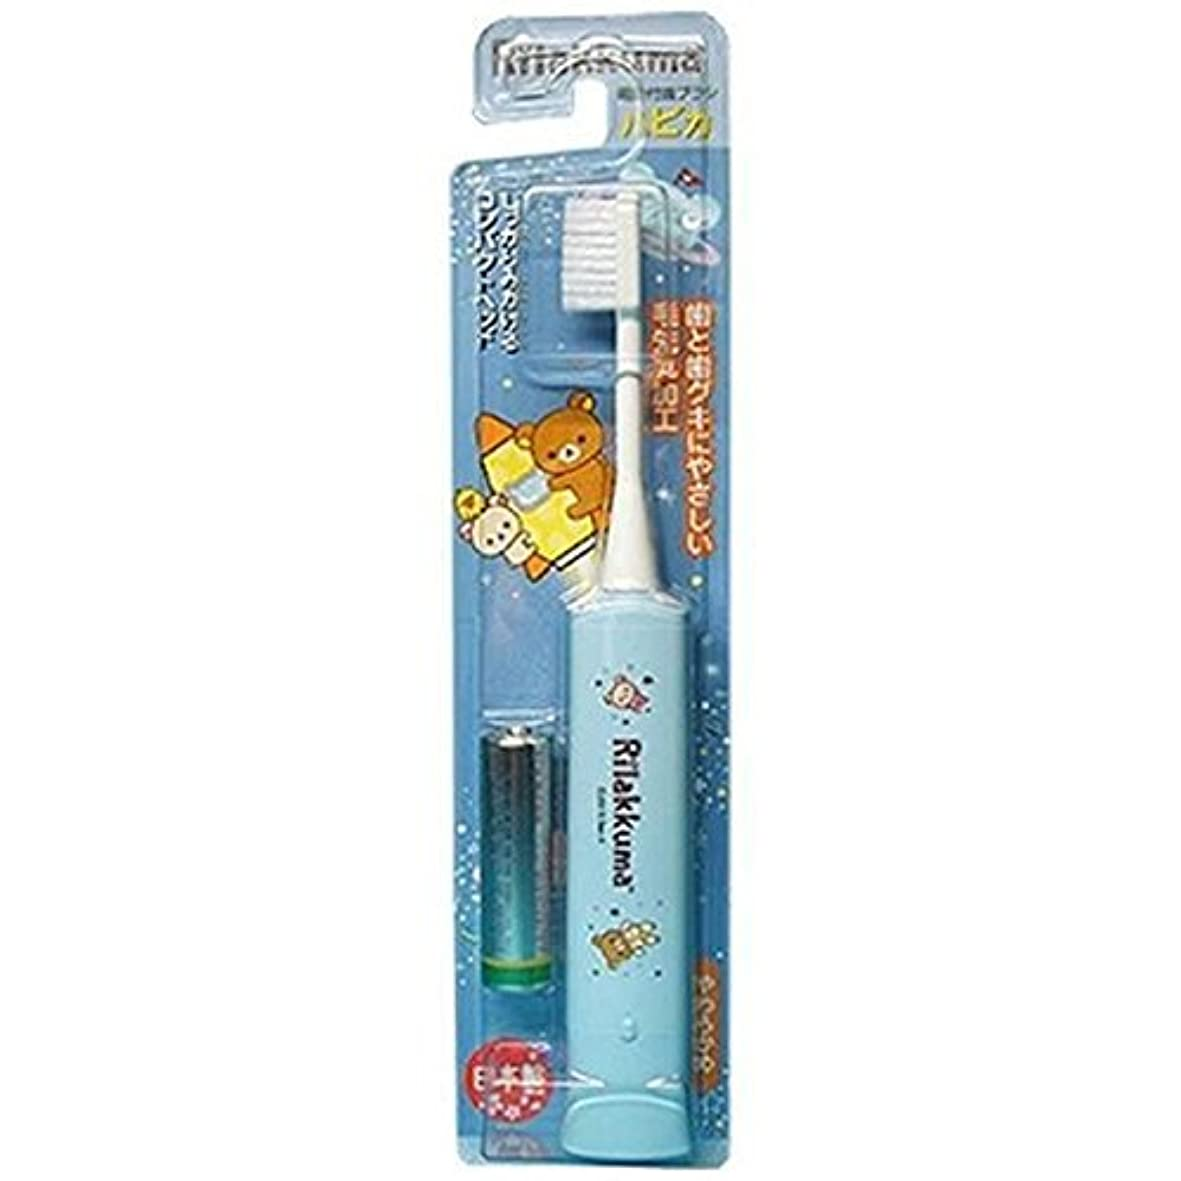 トラフィックイースター銀行ミニマム 電動付歯ブラシ リラックマハピカ ブルー 毛の硬さ:やわらかめ DBM-5B(RK)